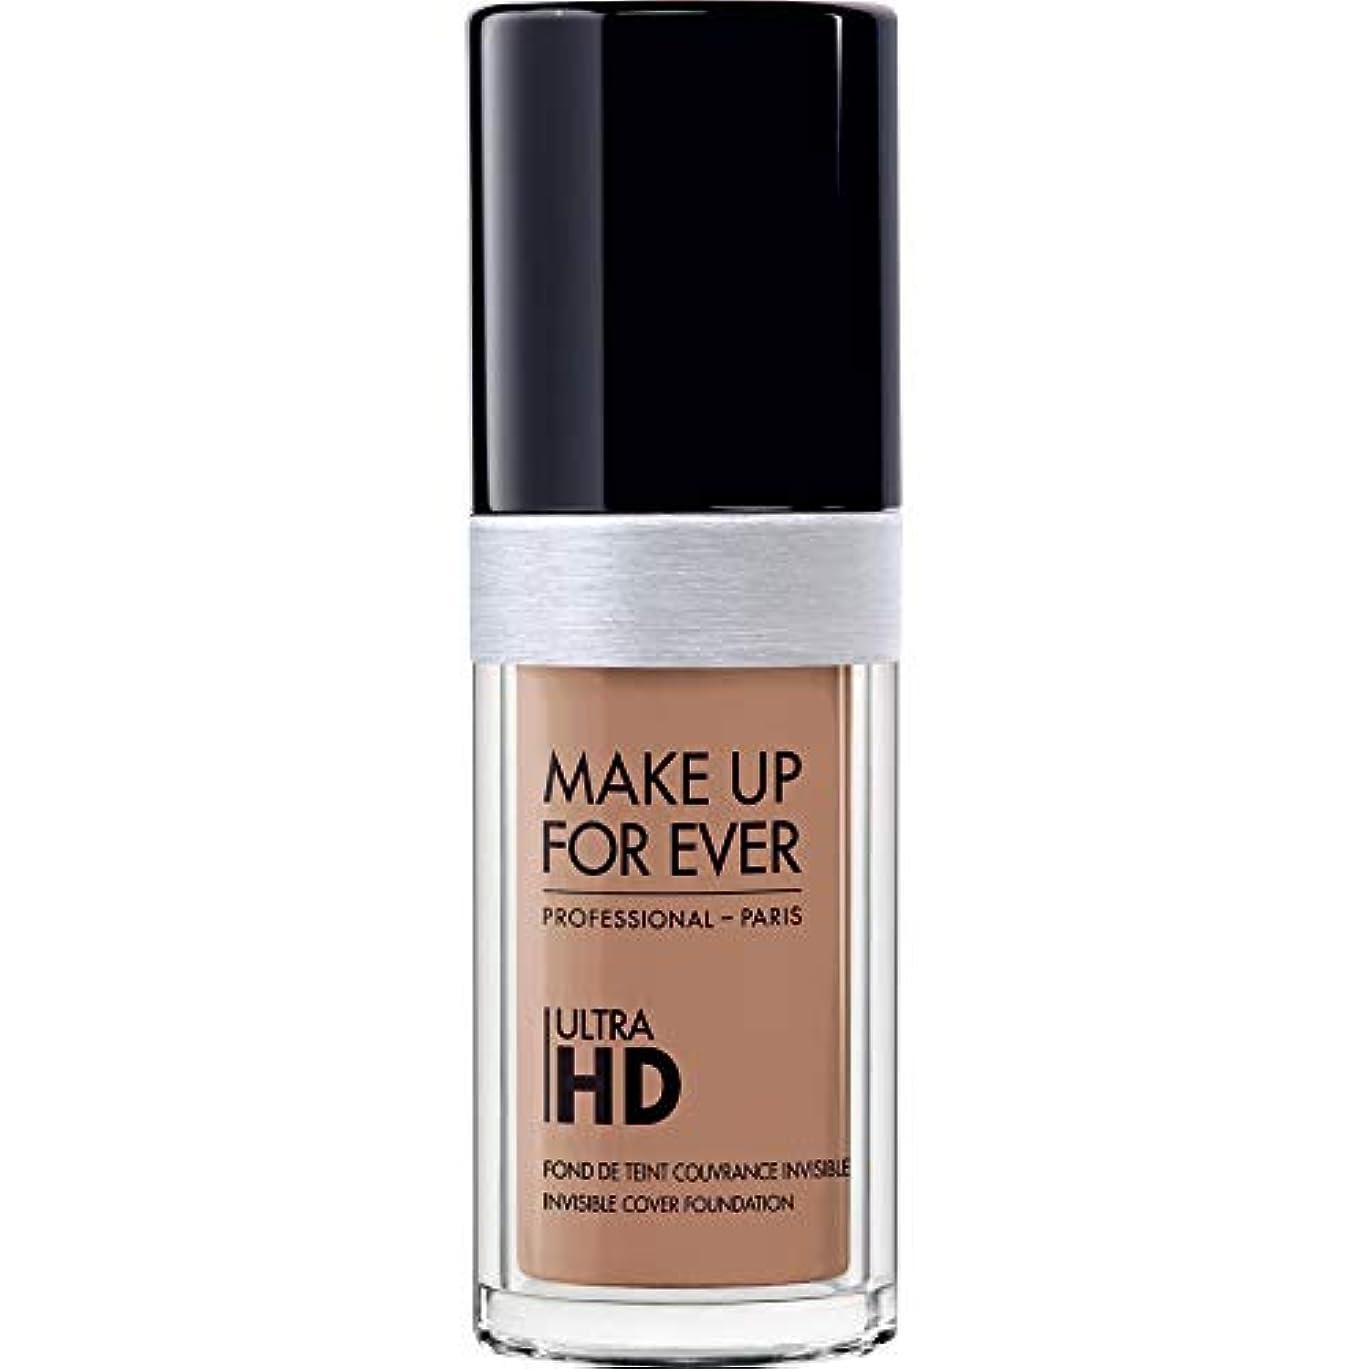 転倒建築失われた[MAKE UP FOR EVER ] 目に見えないカバーファンデーション30ミリリットルのY435 - - これまでの超Hdの基盤を補うキャラメル - MAKE UP FOR EVER Ultra HD Foundation...